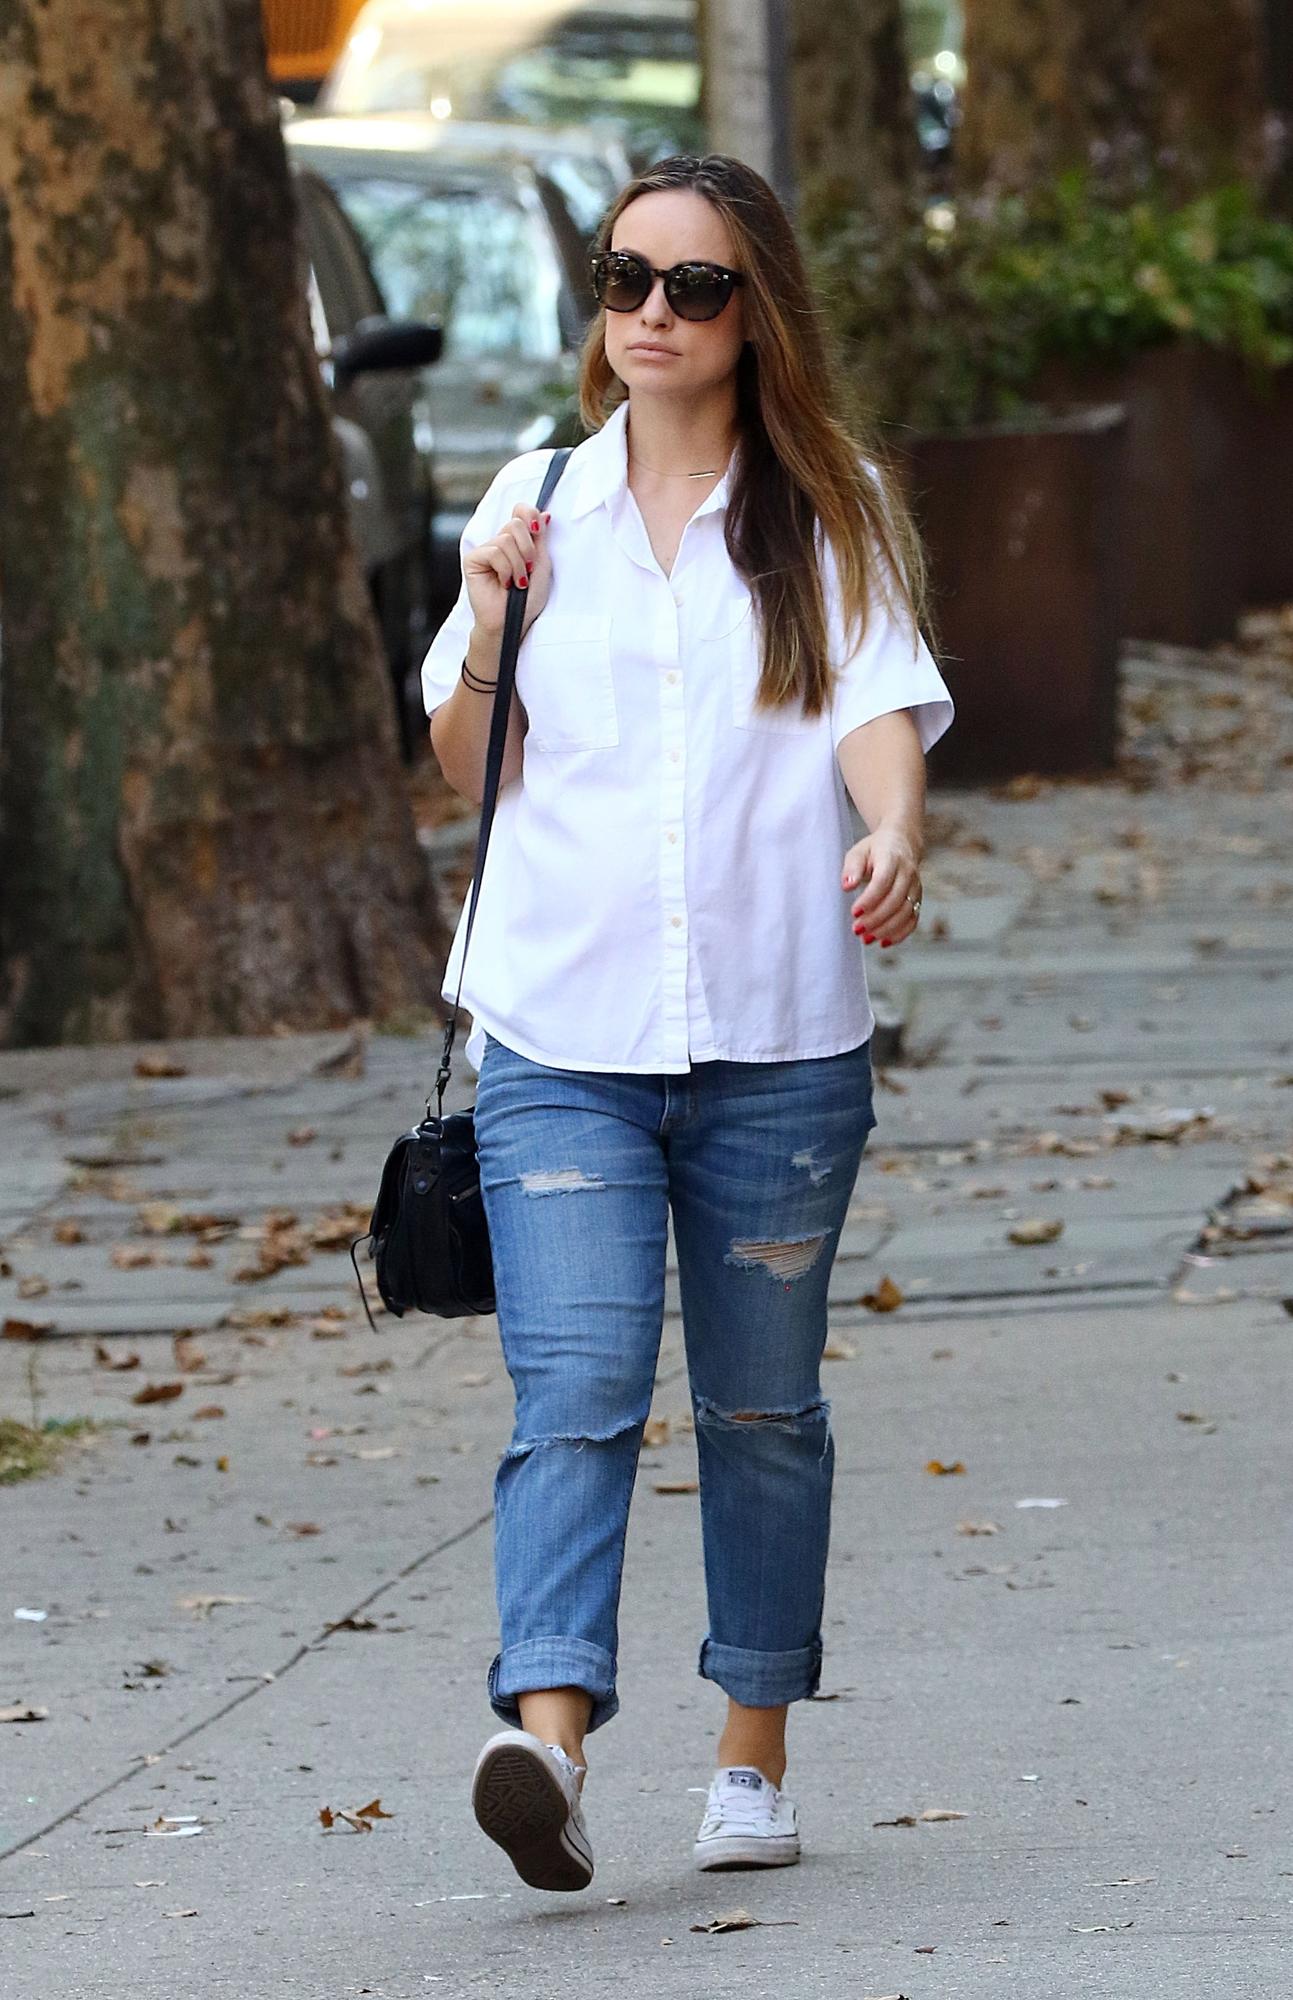 Gwiazdy kochają białe koszule Moda  xQcjE